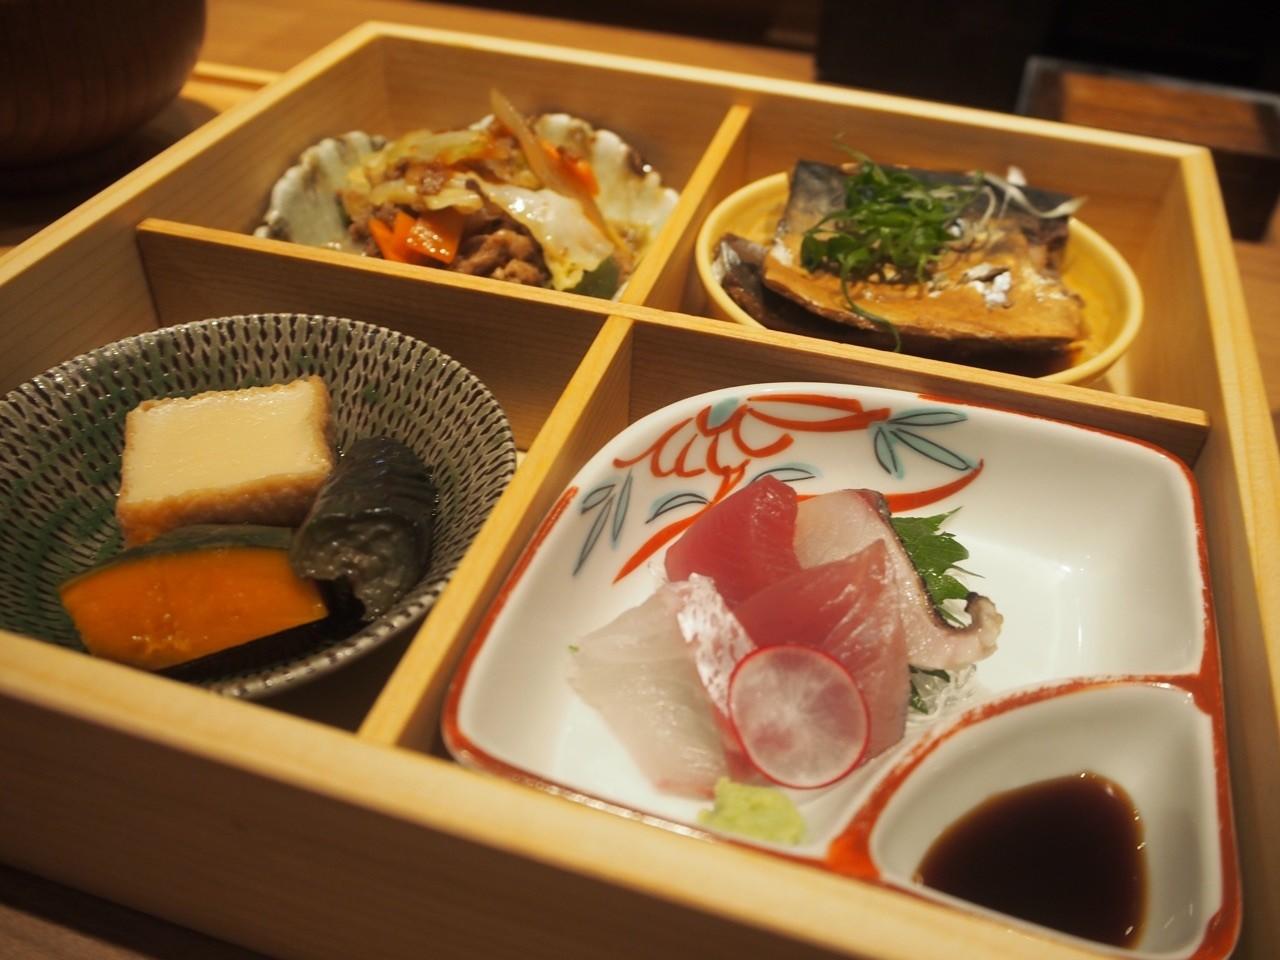 大阪本町午餐盒